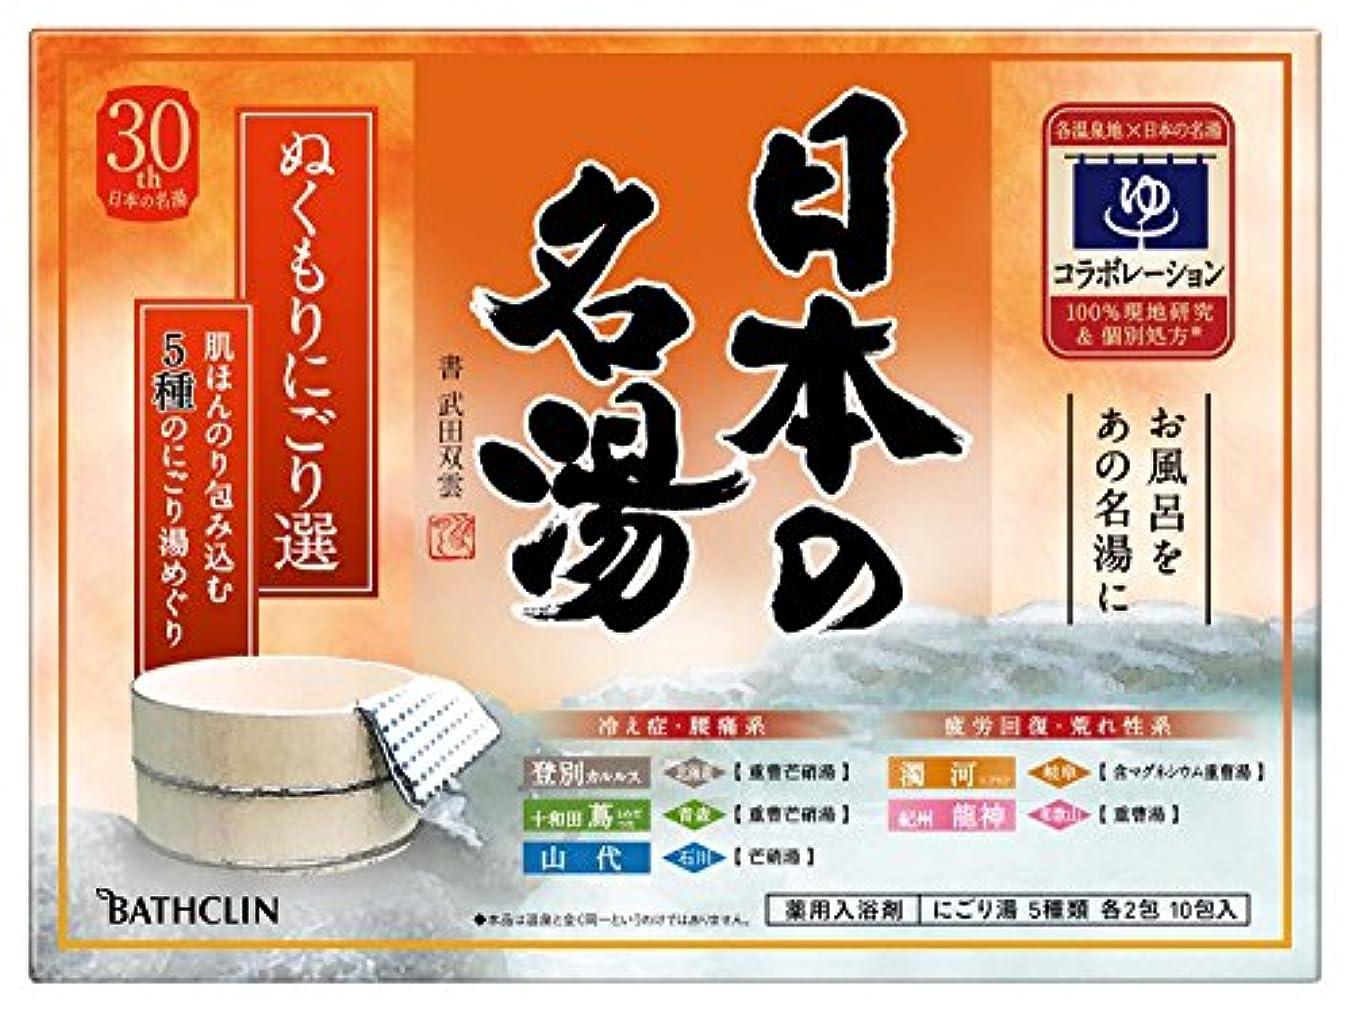 代わりに補正成果【医薬部外品】日本の名湯入浴剤 ぬくもりにごり選 30g ×10包 個包装 詰め合わせ 温泉タイプ